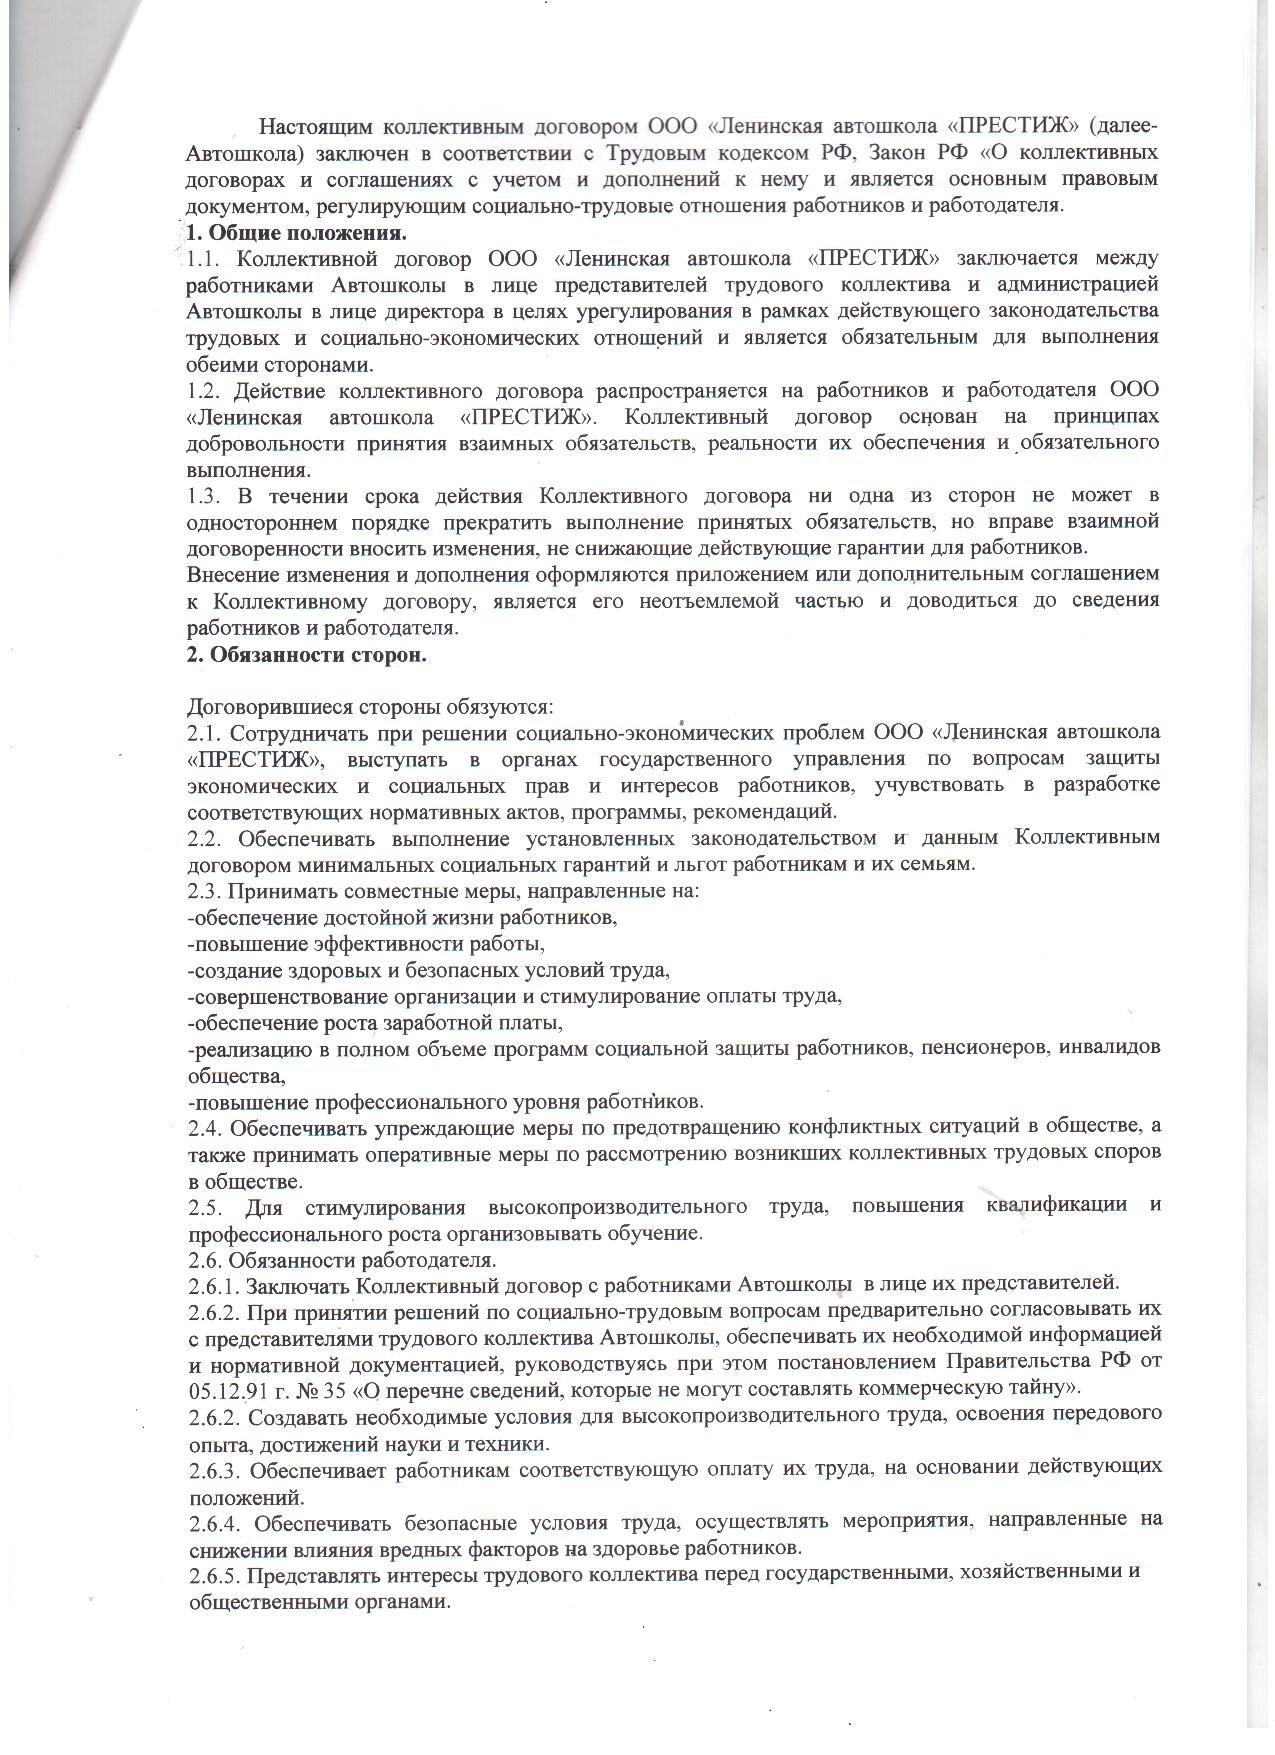 Коллективный договор 2